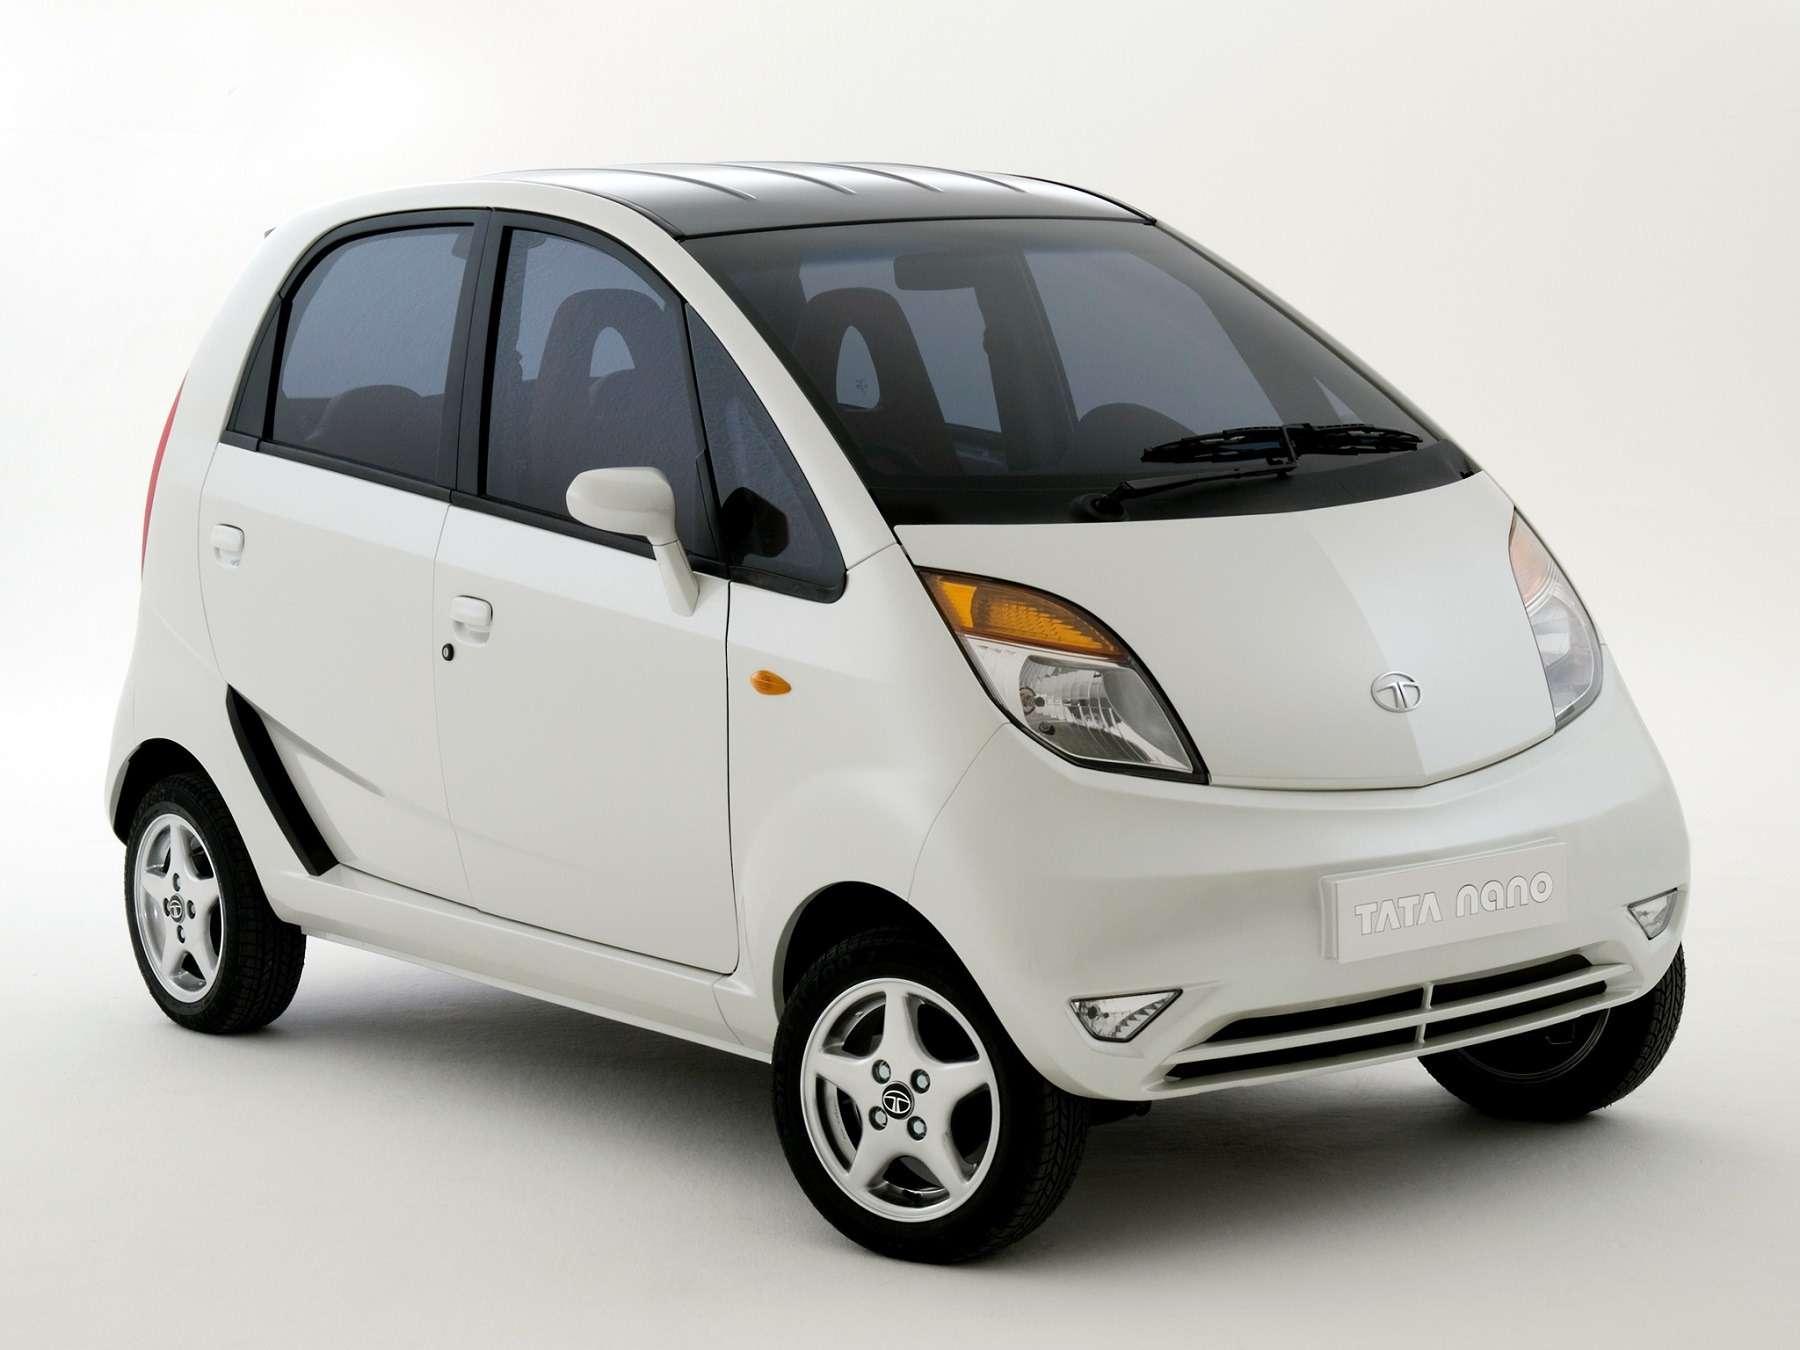 Современем Nano подорожала. Была даже версия сгромким названием Luxury.